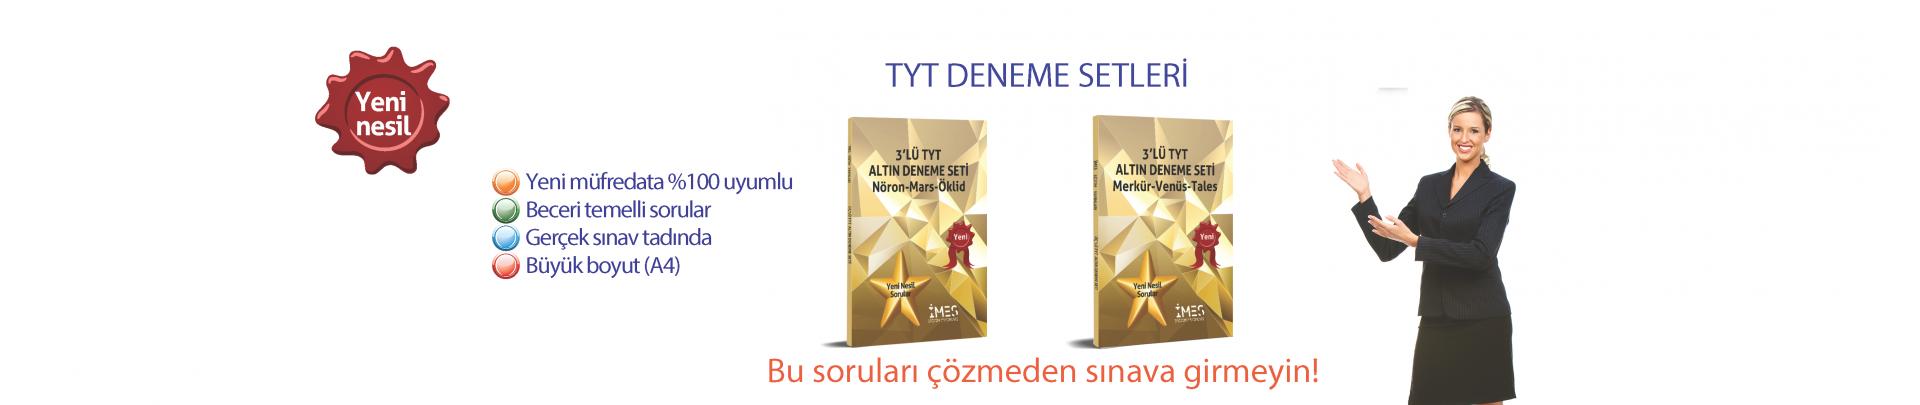 TYT DENEME SETLERİ